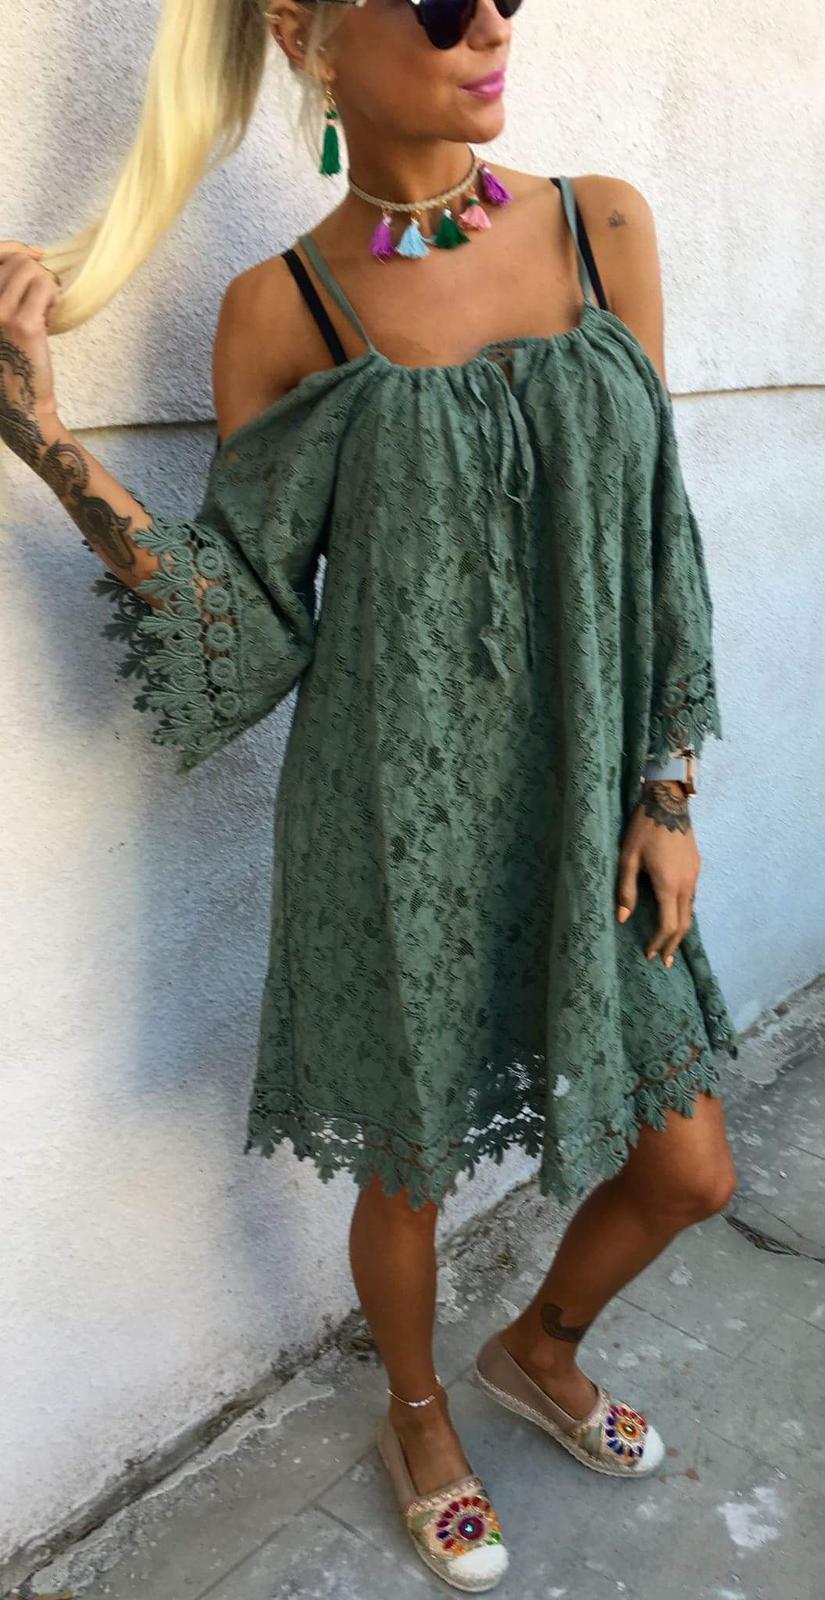 decb495f0c8c Čipkované dámske letné šaty